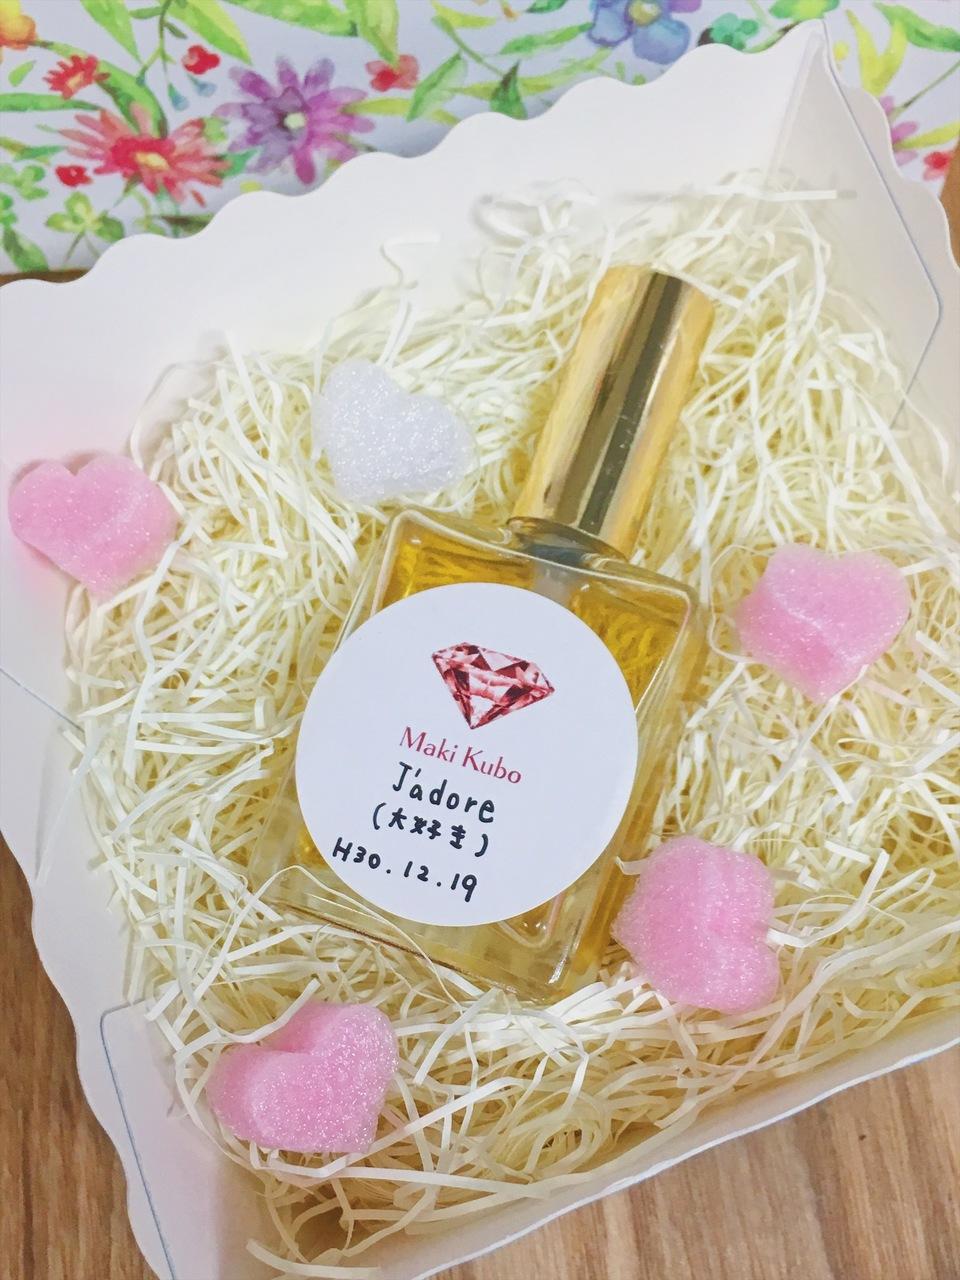 世界にひとつのアロマ香水作りレッスン